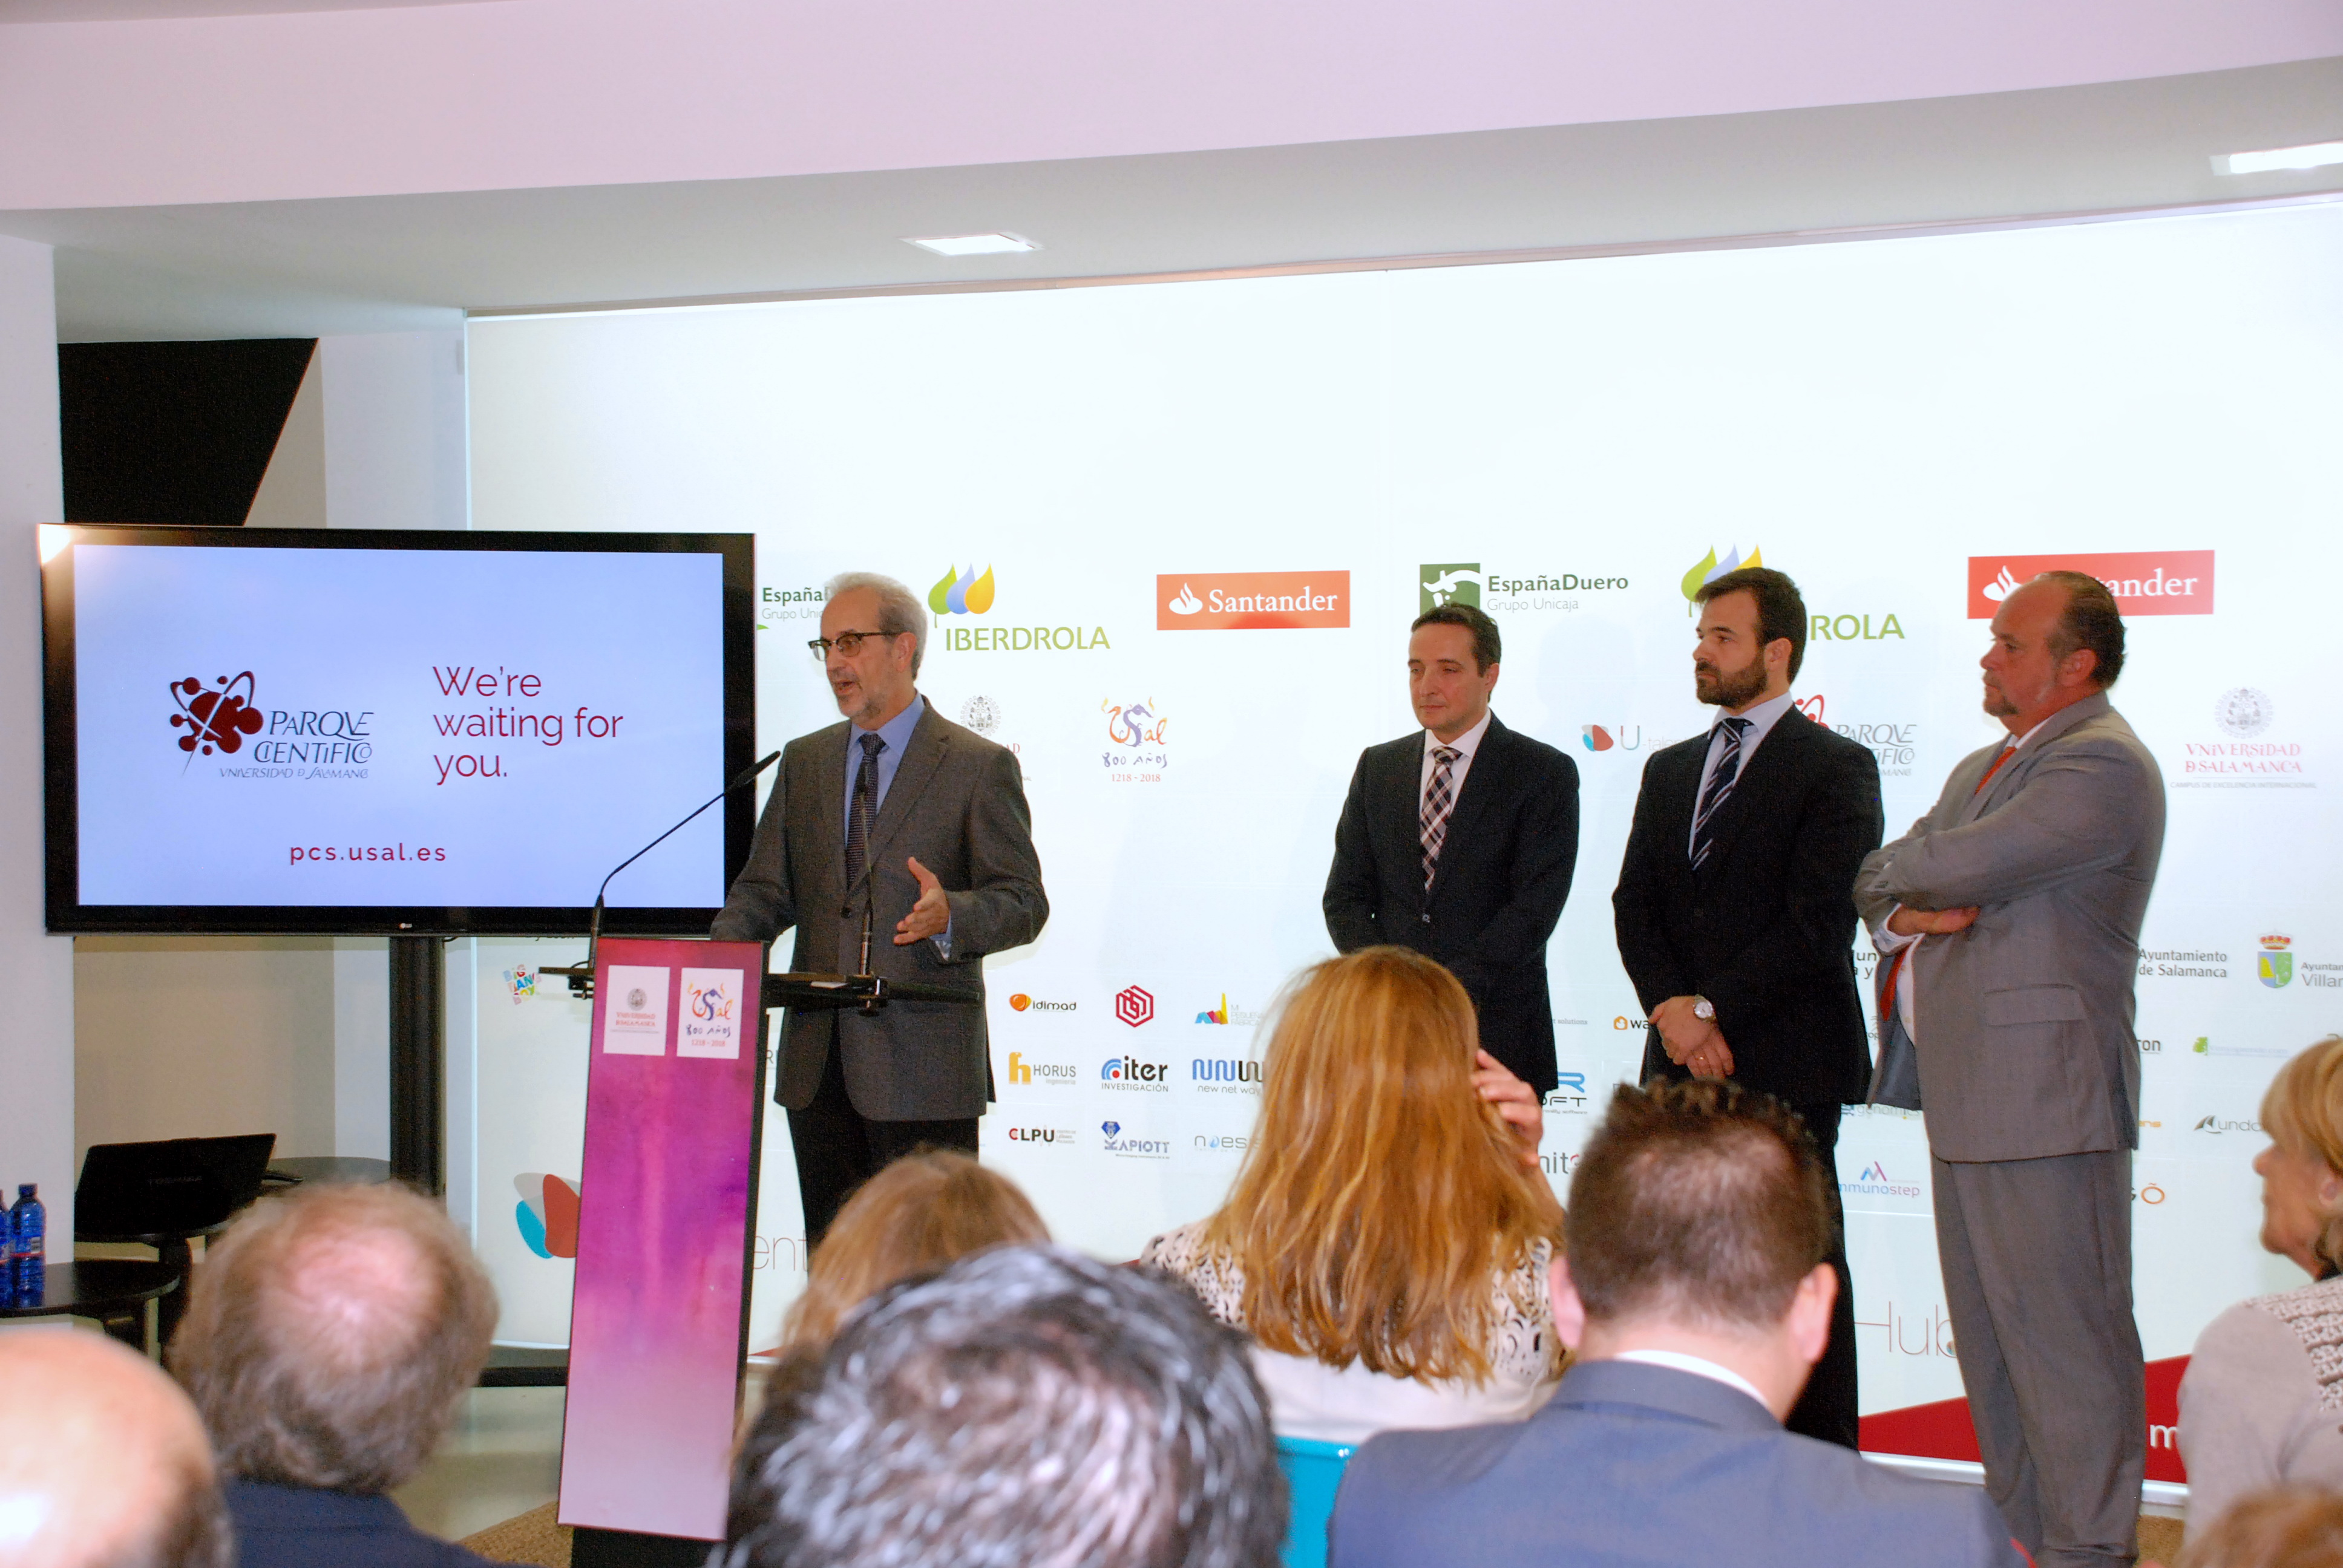 El Parque Científico de la Universidad de Salamanca celebra sus primeros diez años con 55 empresas, más de 800 empleos y una inversión cercana a los 22 millones de euros